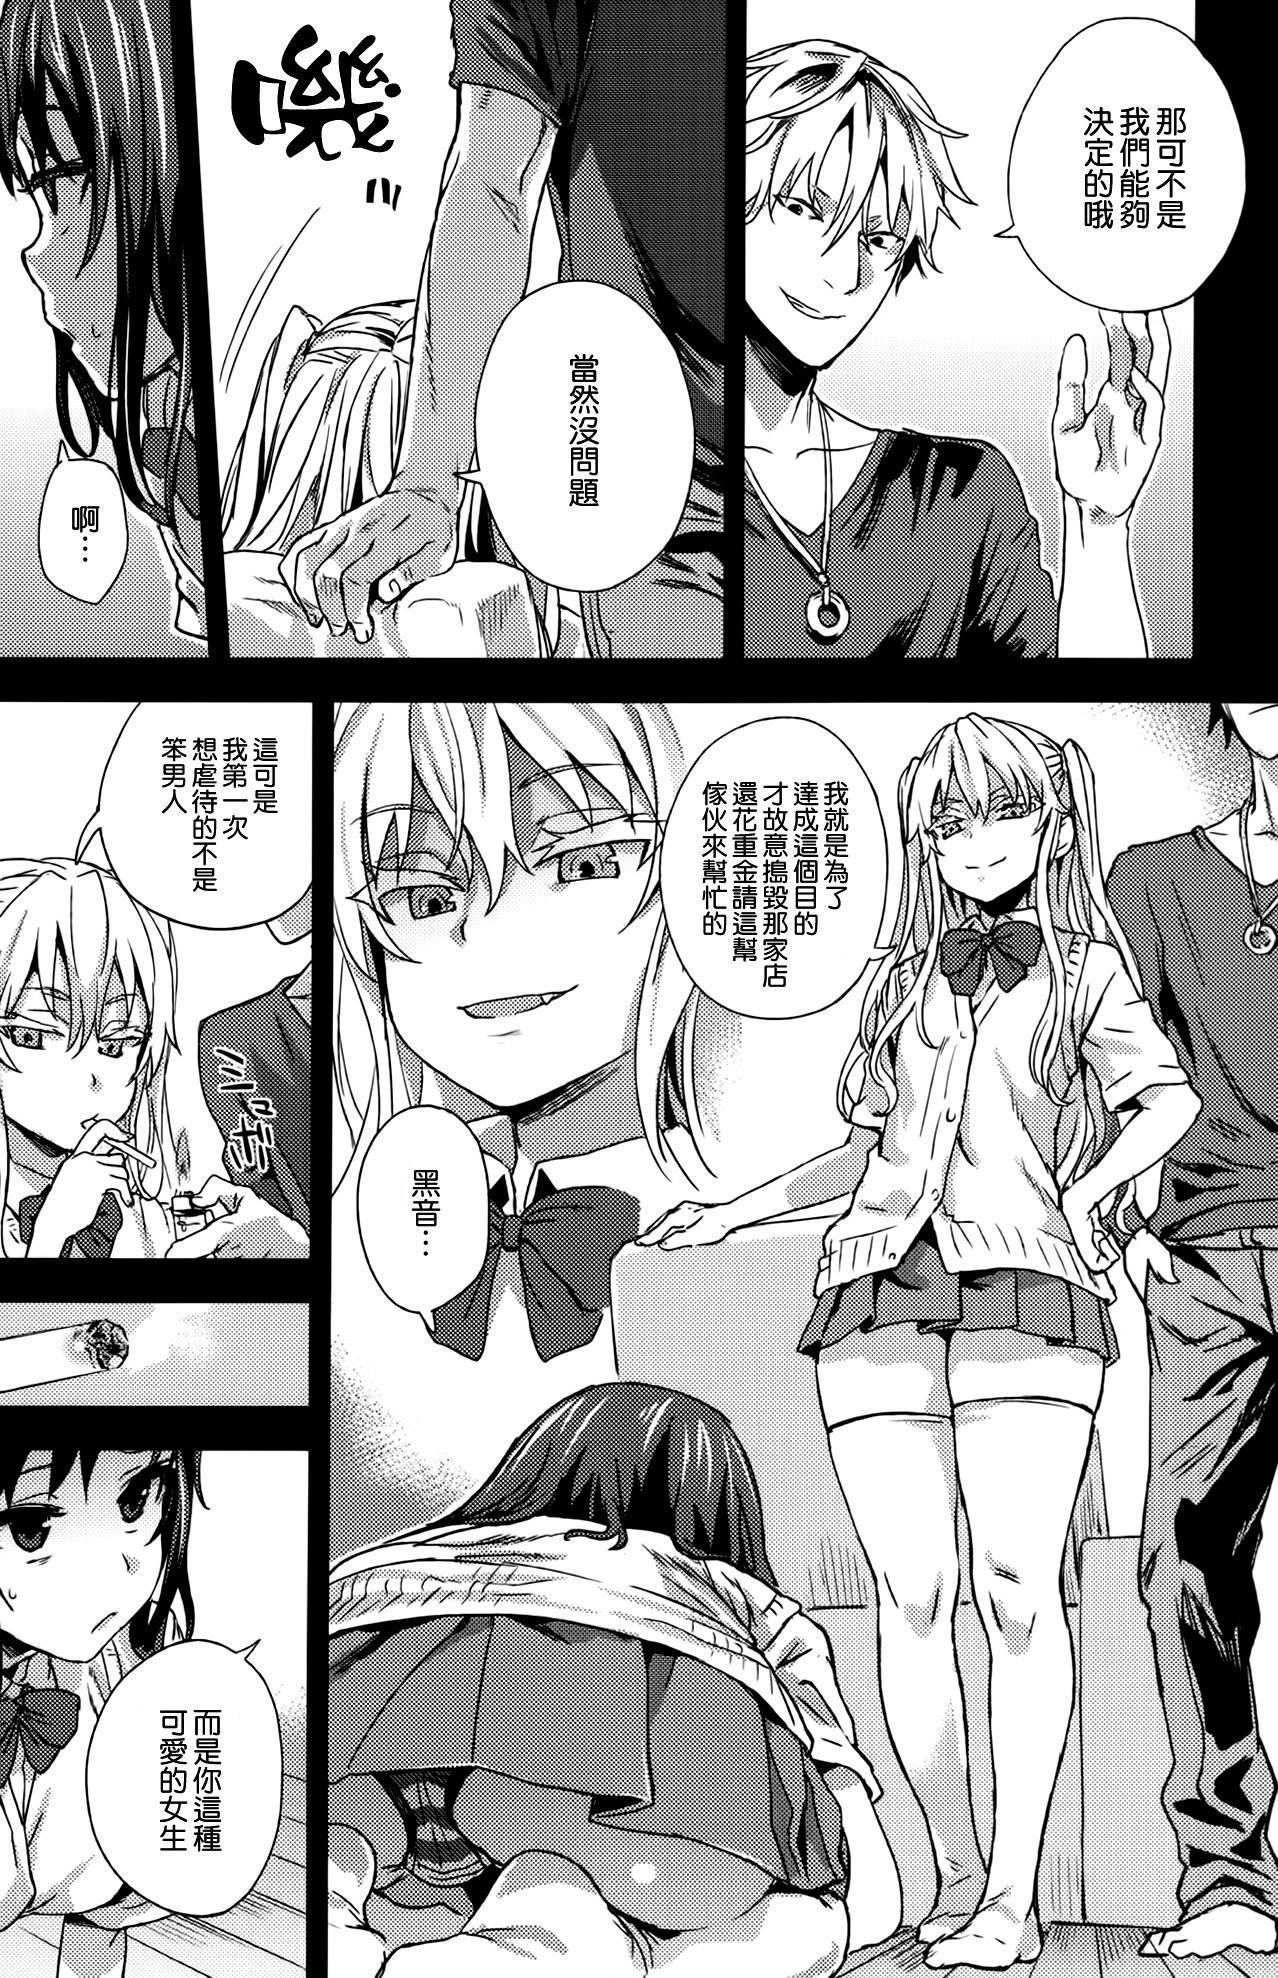 """(C87) [Fatalpulse (Asanagi)] VictimGirlsR """"JK de Refre -Flesh & Refresh-"""" [Chinese] [空気系☆漢化] 23"""